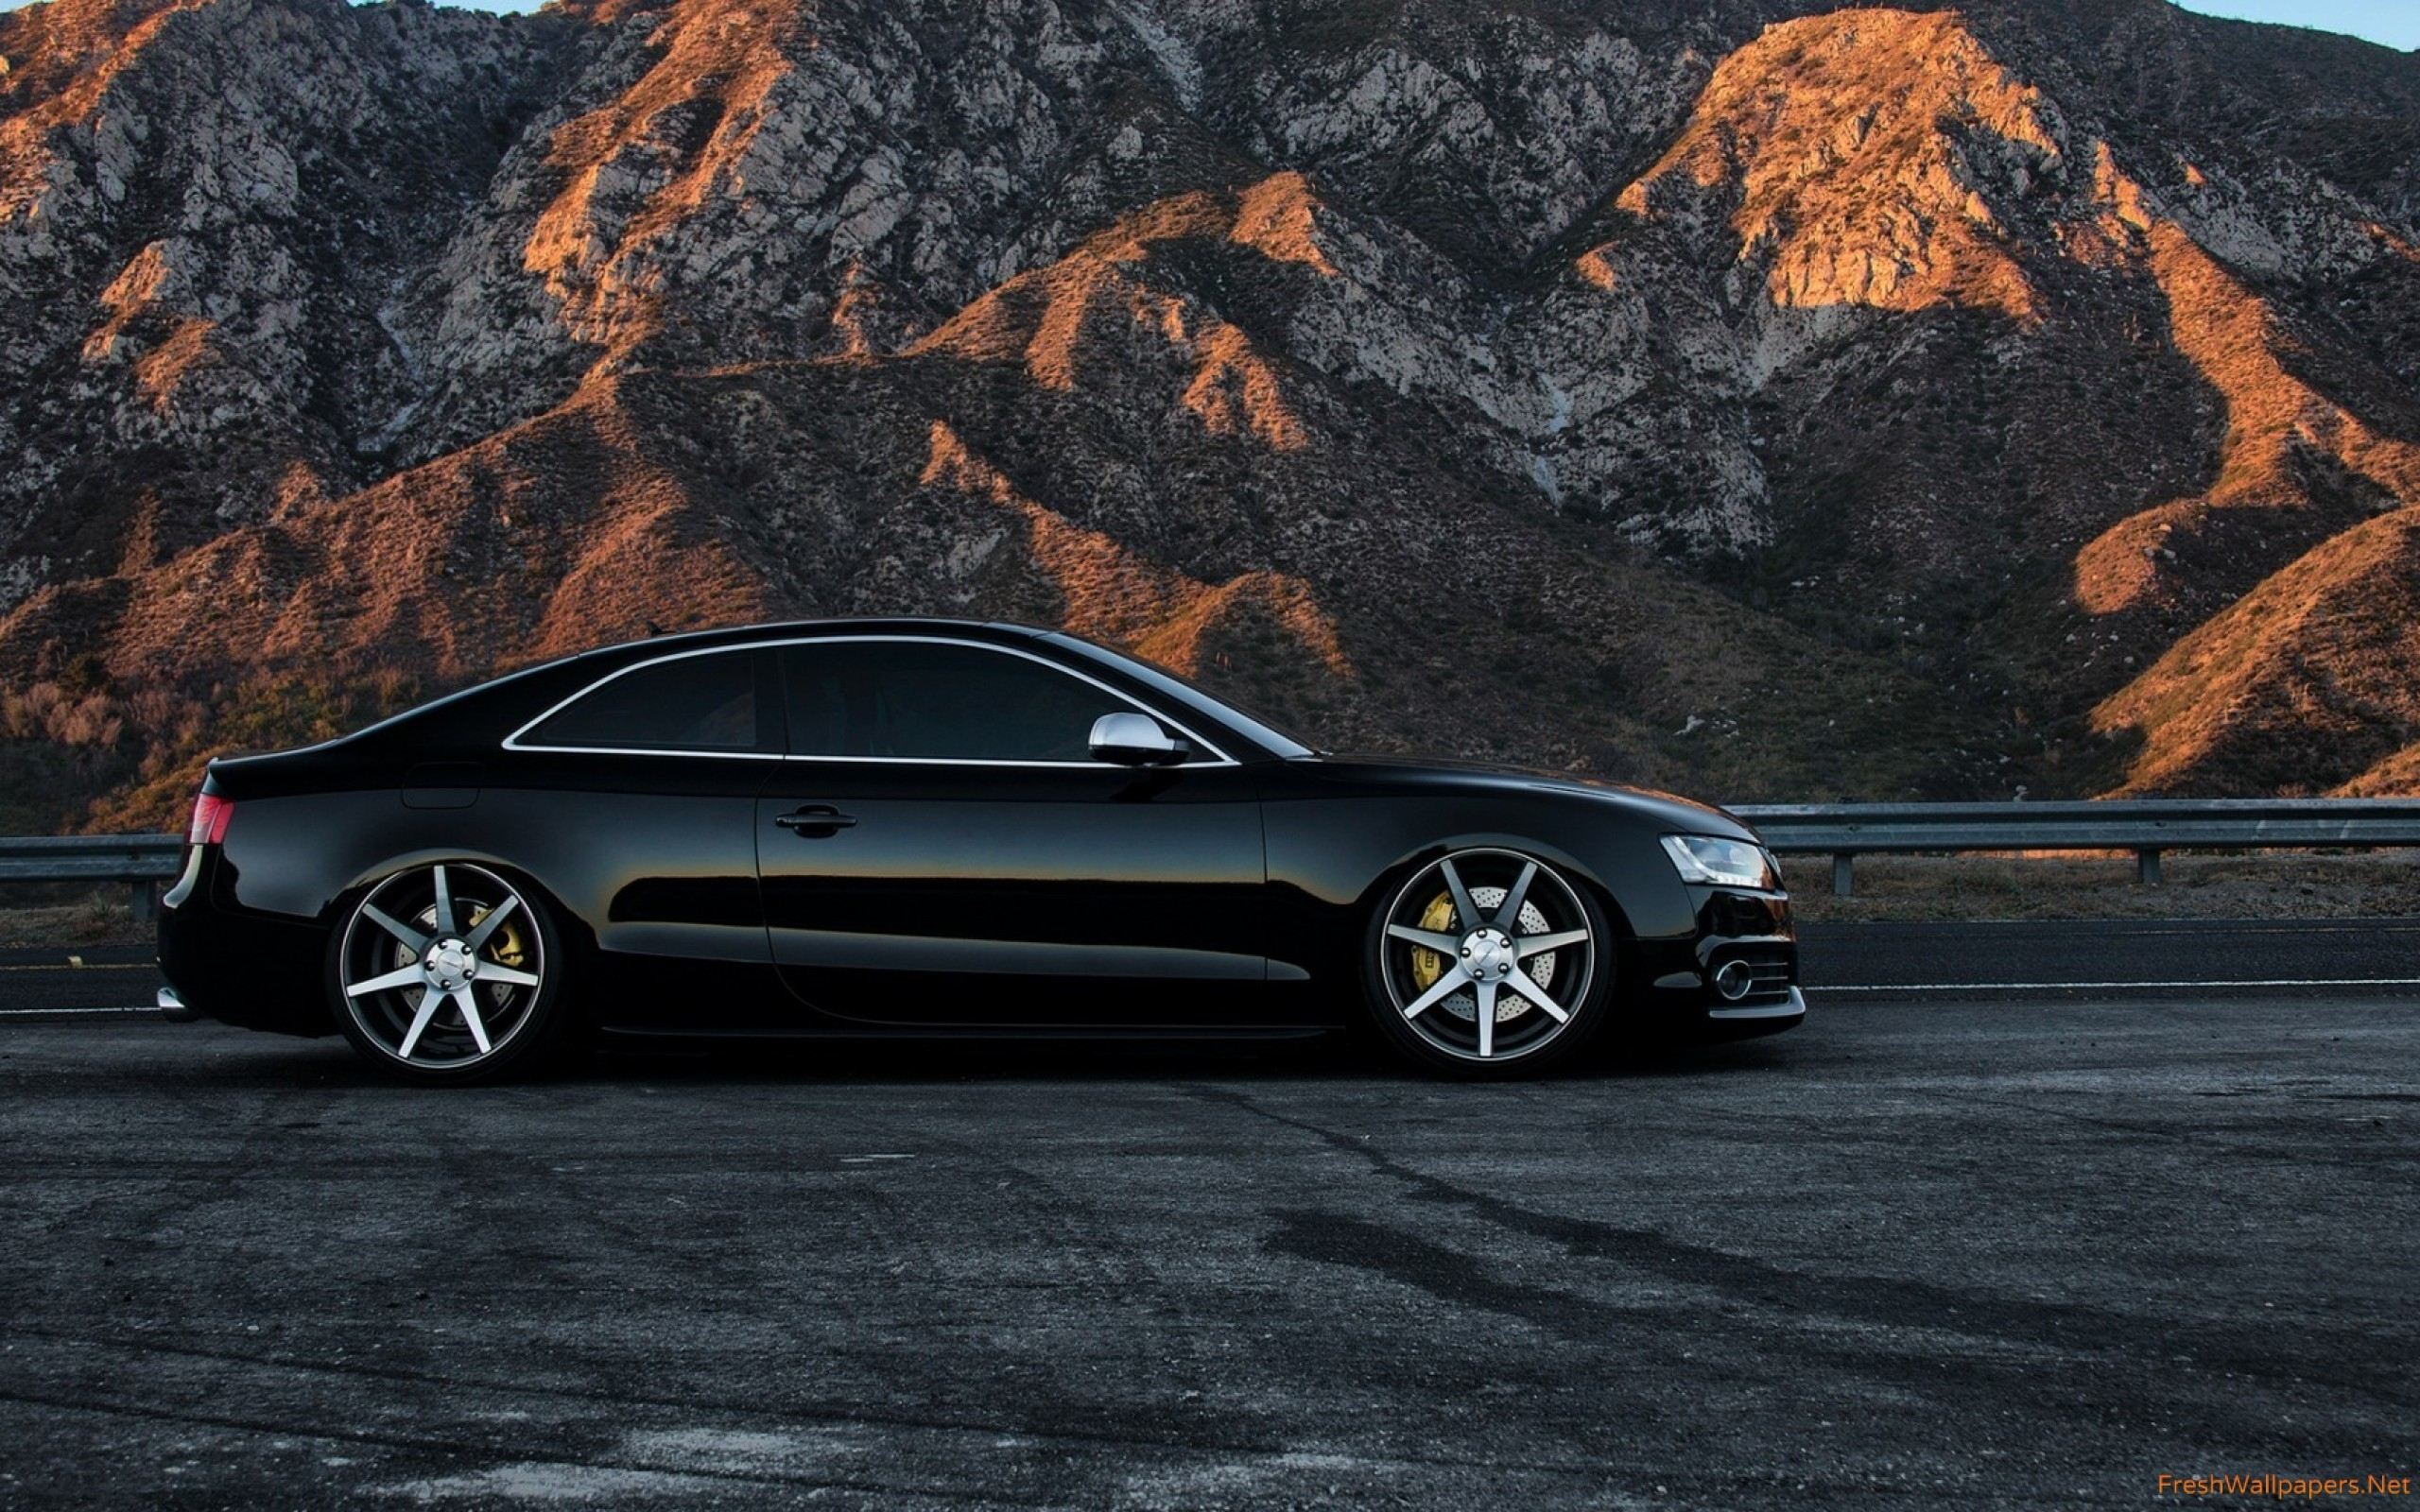 Res: 2560x1600, Audi S5 Wallpaper 19 - 2560 X 1600